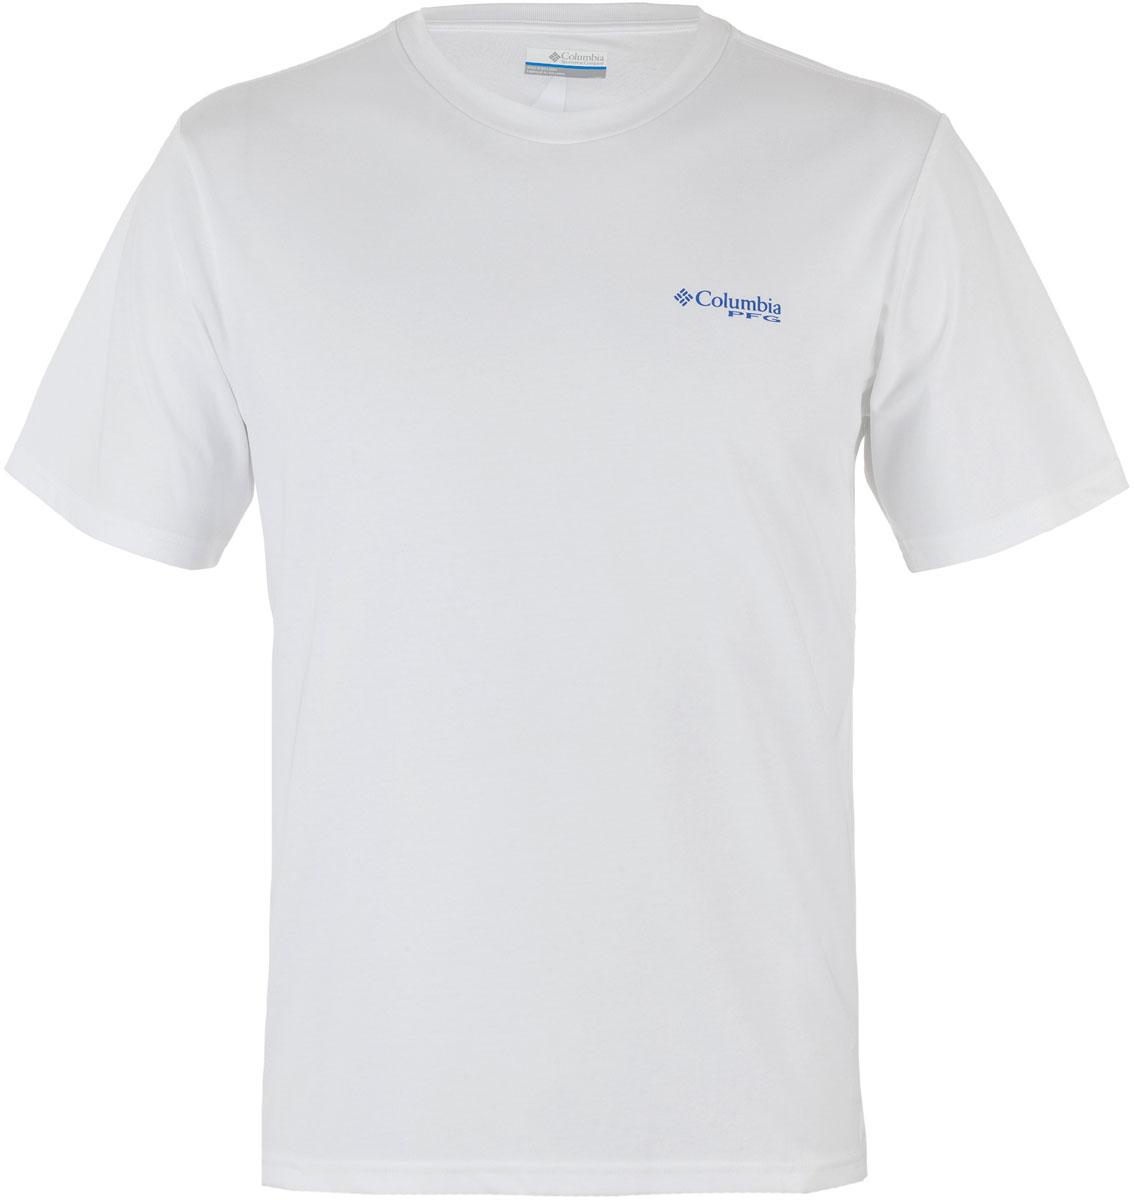 Футболка мужская Columbia PFG Tools Elements SS T-shirt, цвет: белый. 1717221-100. Размер L (48/50)1717221-100Футболка Columbia - оптимальный вариант для активного отдыха и повседневного использования. Модель выполнена из хлопка, что обеспечивает максимально комфортные ощущения во время использования.